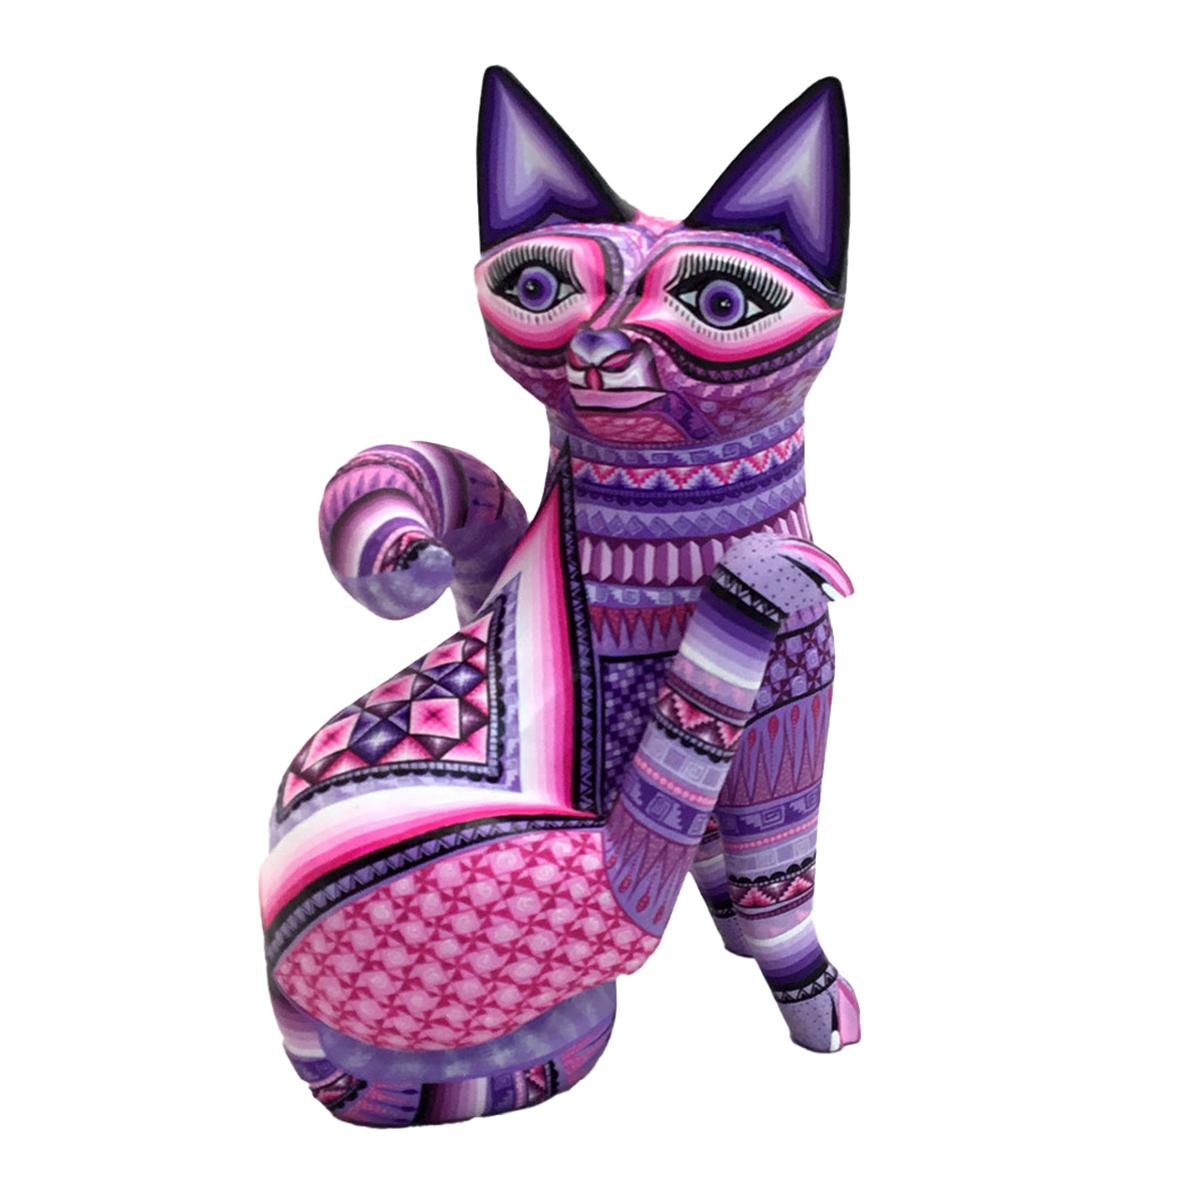 Magaly Fuentes & Jose Calvo Magaly Fuentes & Jose Calvo: Bright Cat Cats